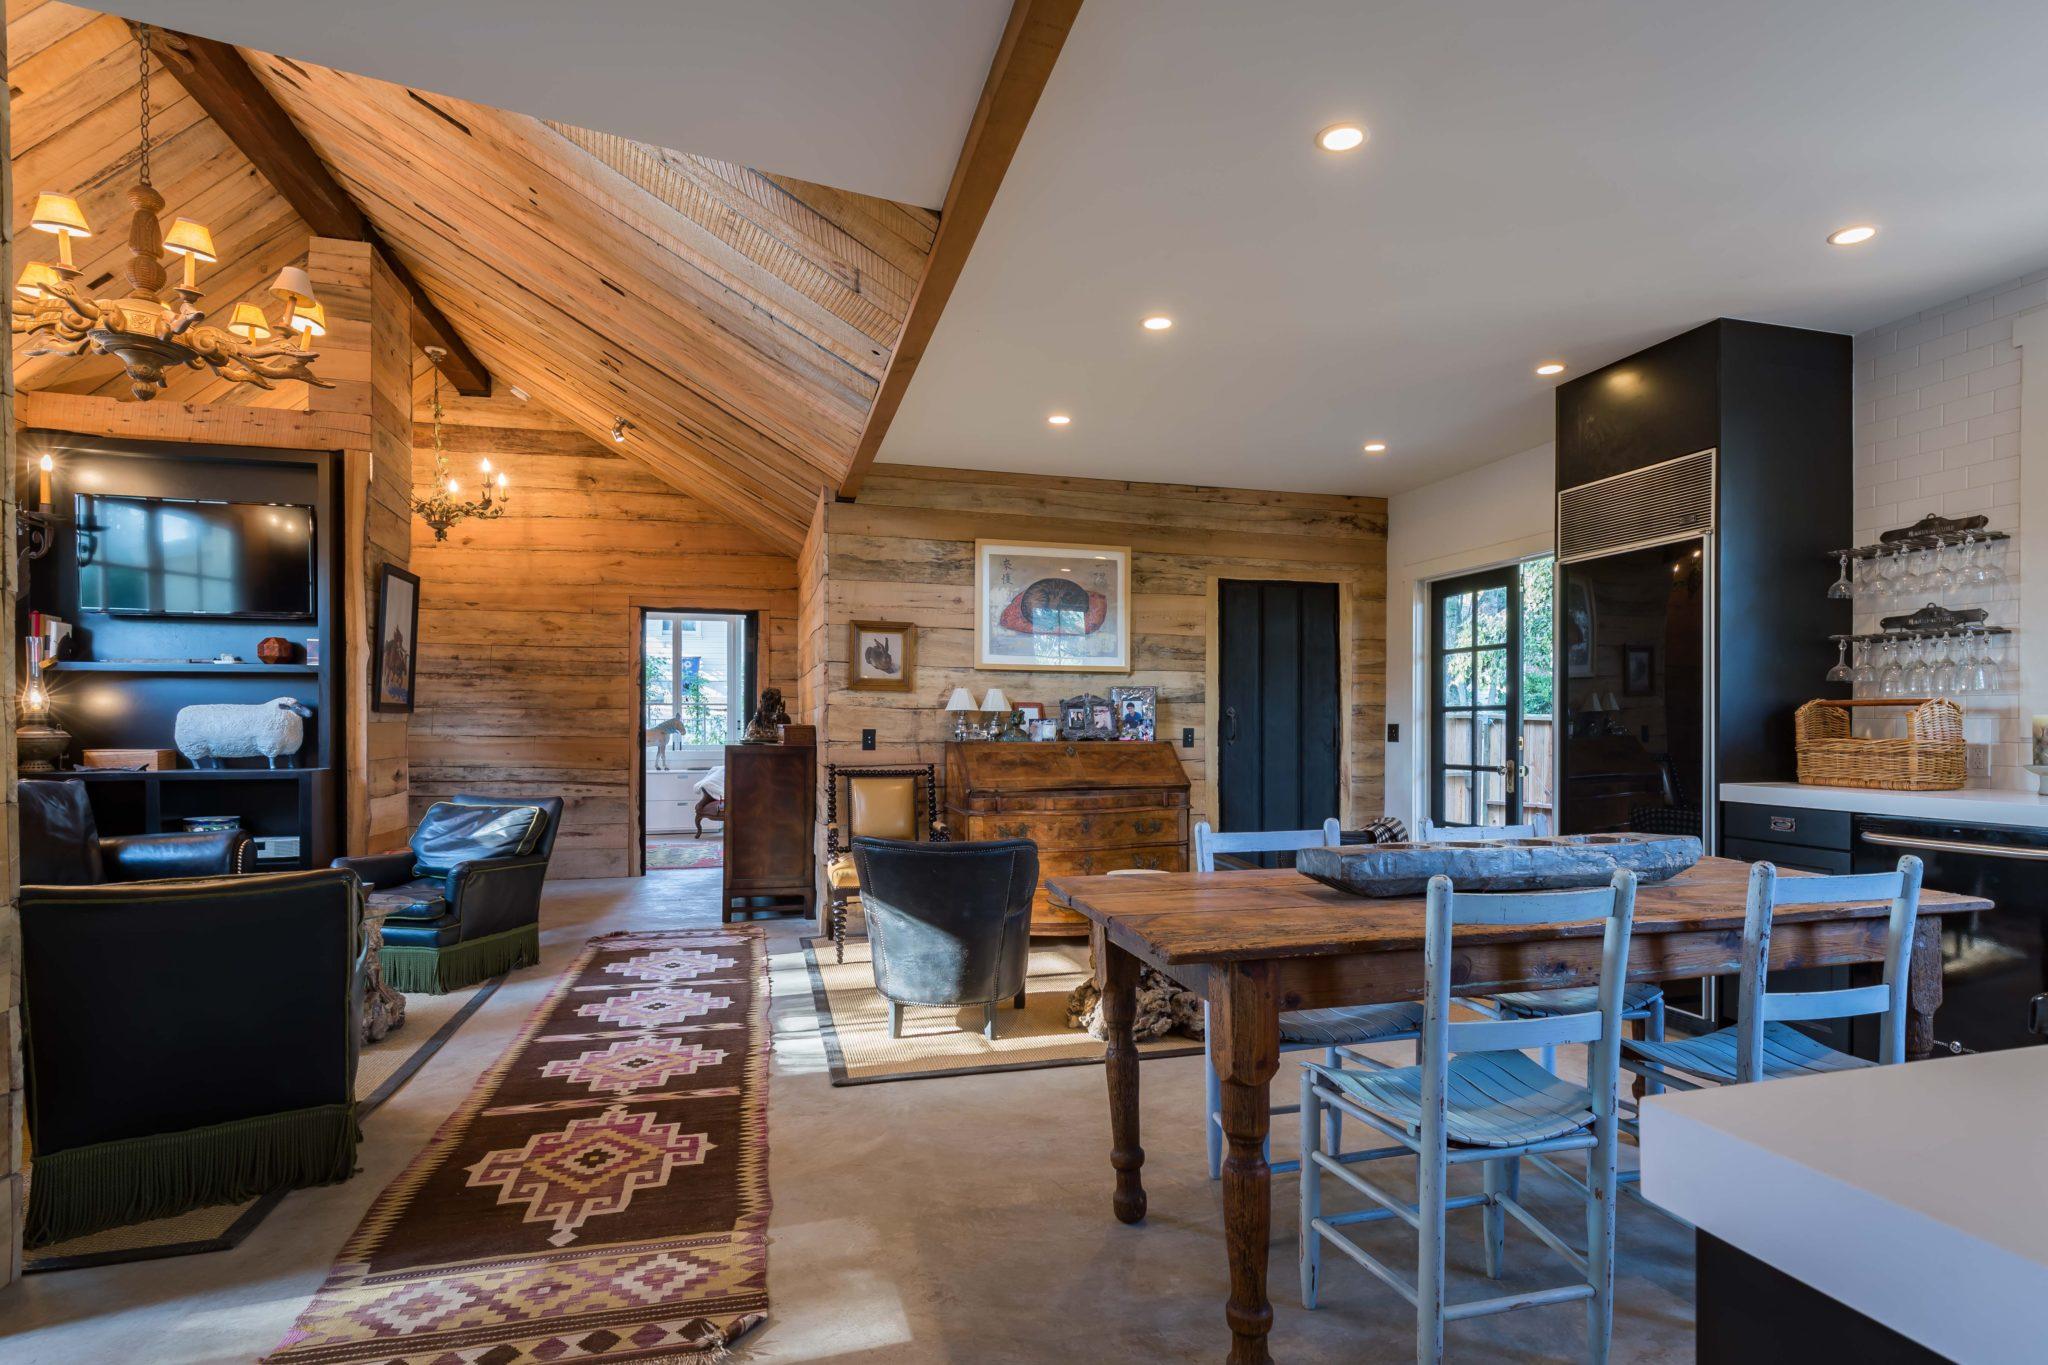 Architecture and interior design bySUBU Design Architecture